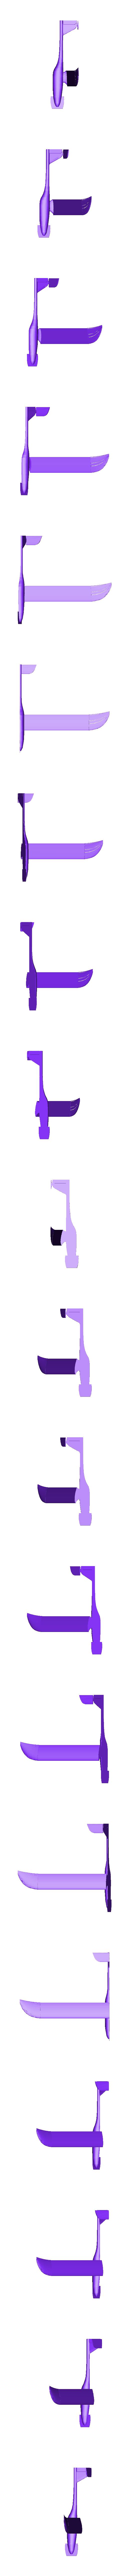 Printed_plane_Mini-Me_R.stl Télécharger fichier STL gratuit Planeur modulaire RC Sailplane entièrement imprimé en 3D. • Objet à imprimer en 3D, Georgemacghay